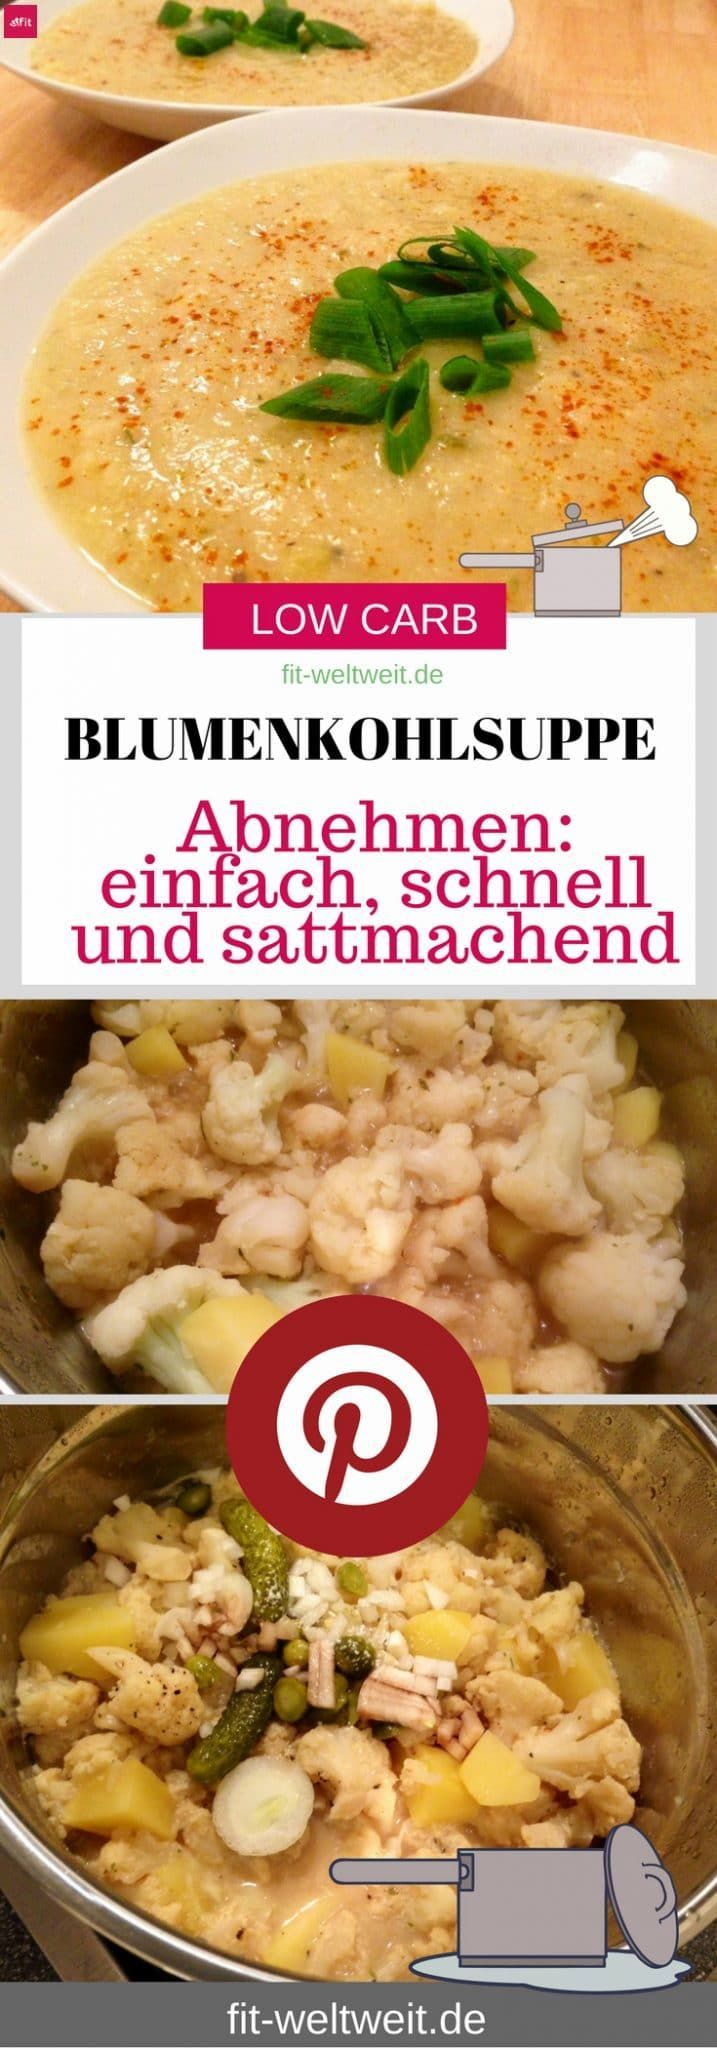 Low Carb Blumenkohlsuppe Abnehmen Rezept (Diät, Vegan & metabolische Heilung), #Abnehmen #amp #Blumenkohlsuppe #Carb #Diät #Heilung #metabolische #Rezept #vegan